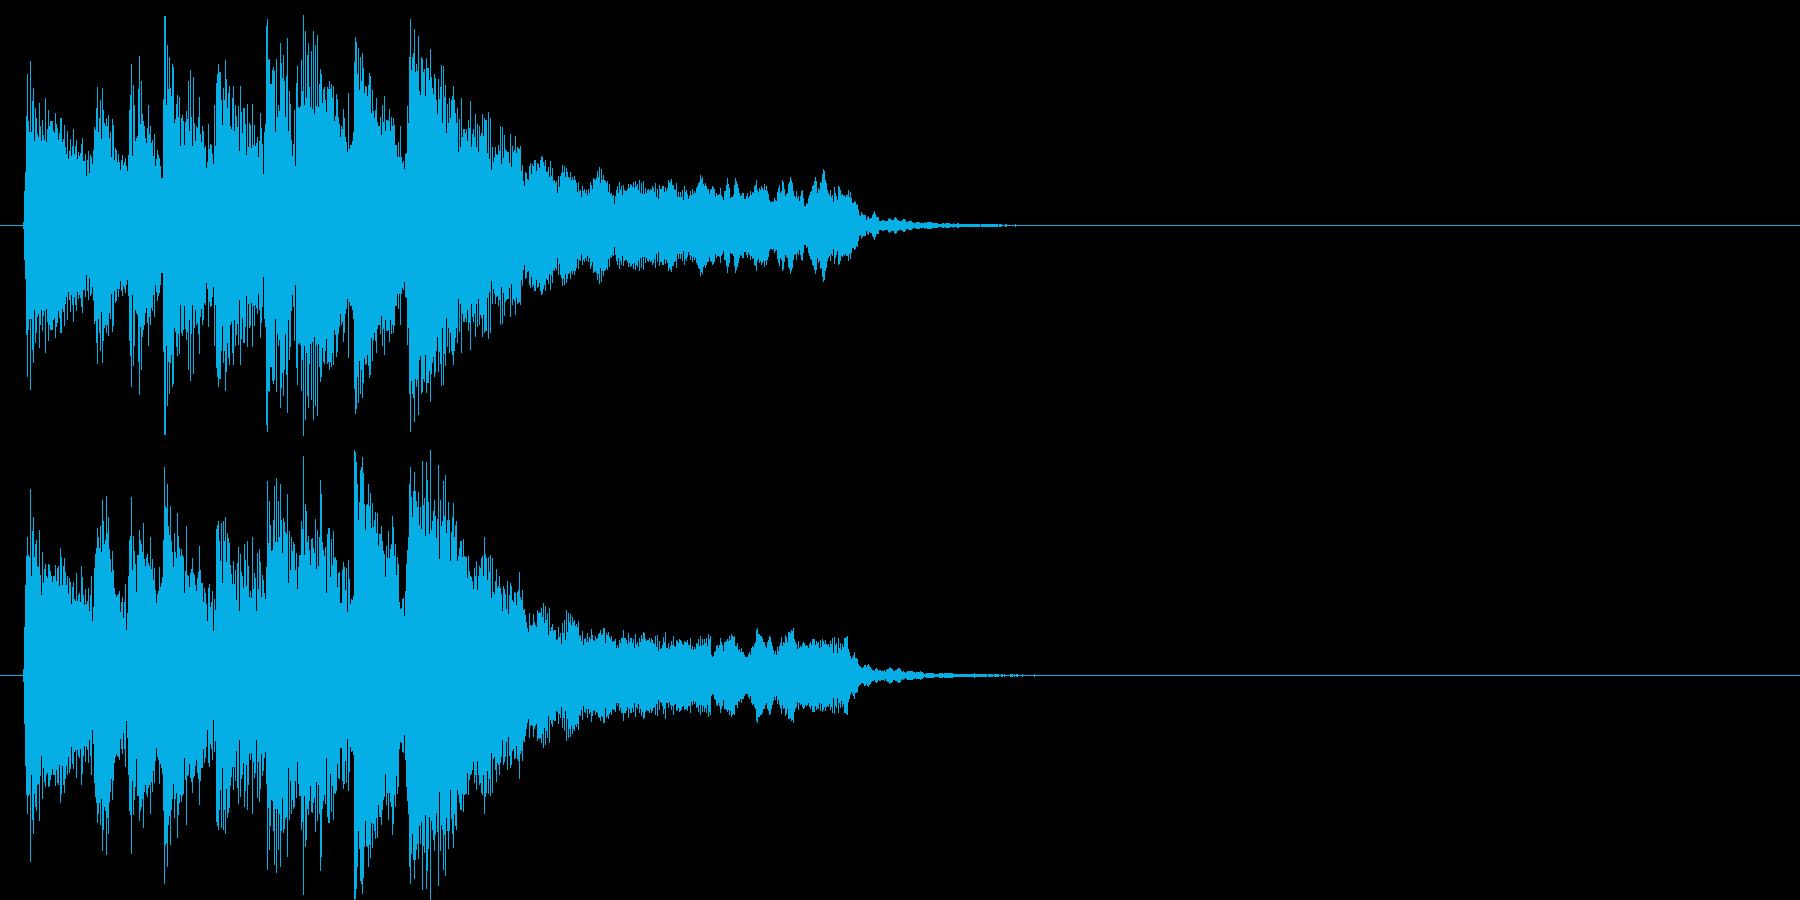 場面転換 テーマ 登場 さわやか 軽快の再生済みの波形